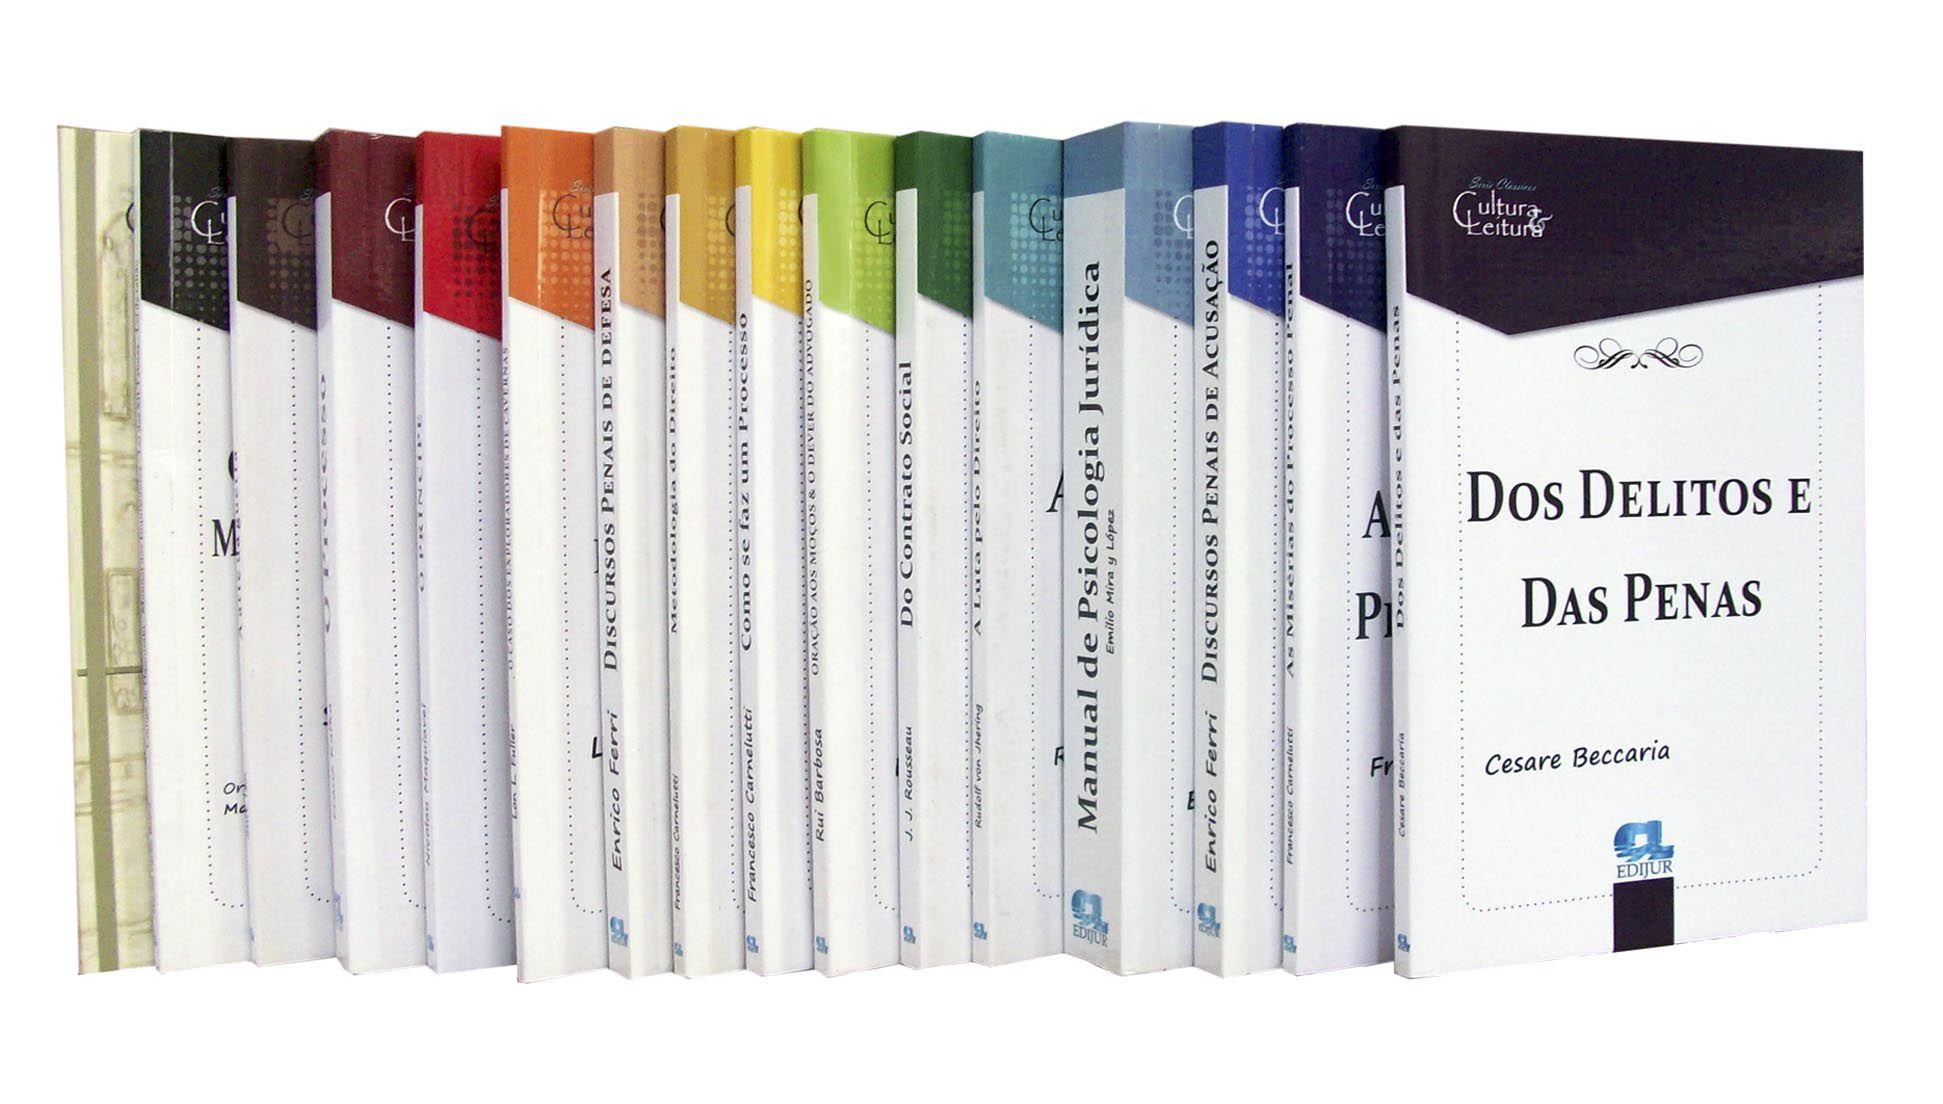 Combo Clássicos Série Cultura & Leitura - 17 volumes  - Edijur Editora